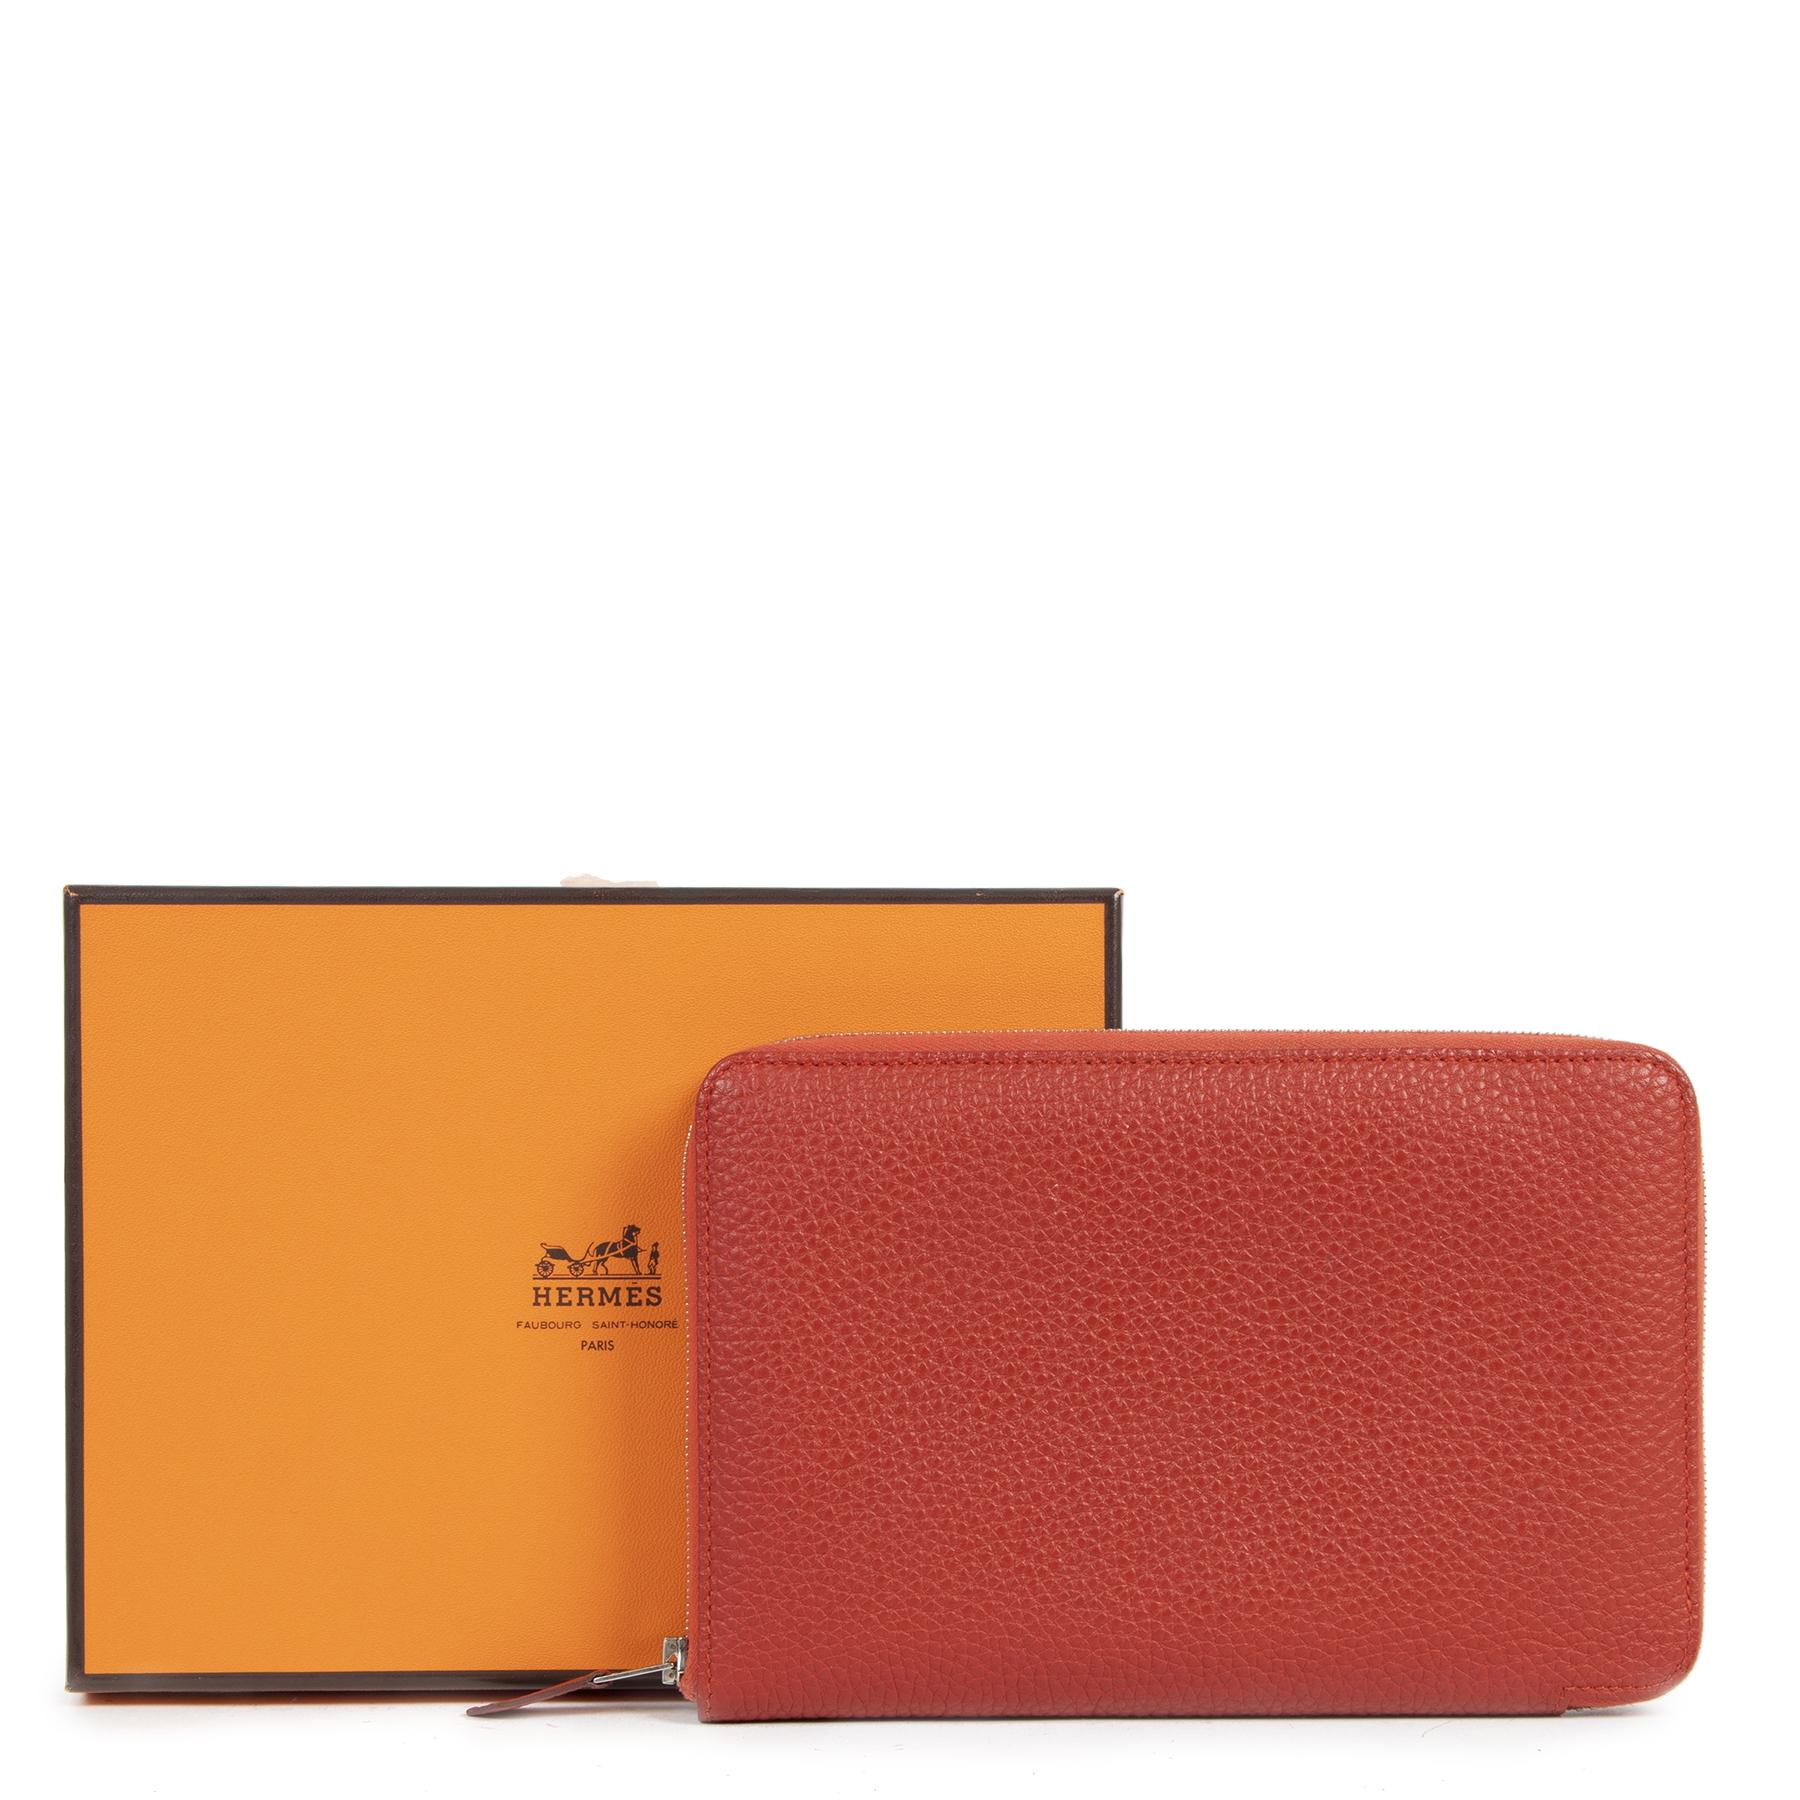 koop online tegen de beste prijs Hermes Vermillon Azap Classique Wallet